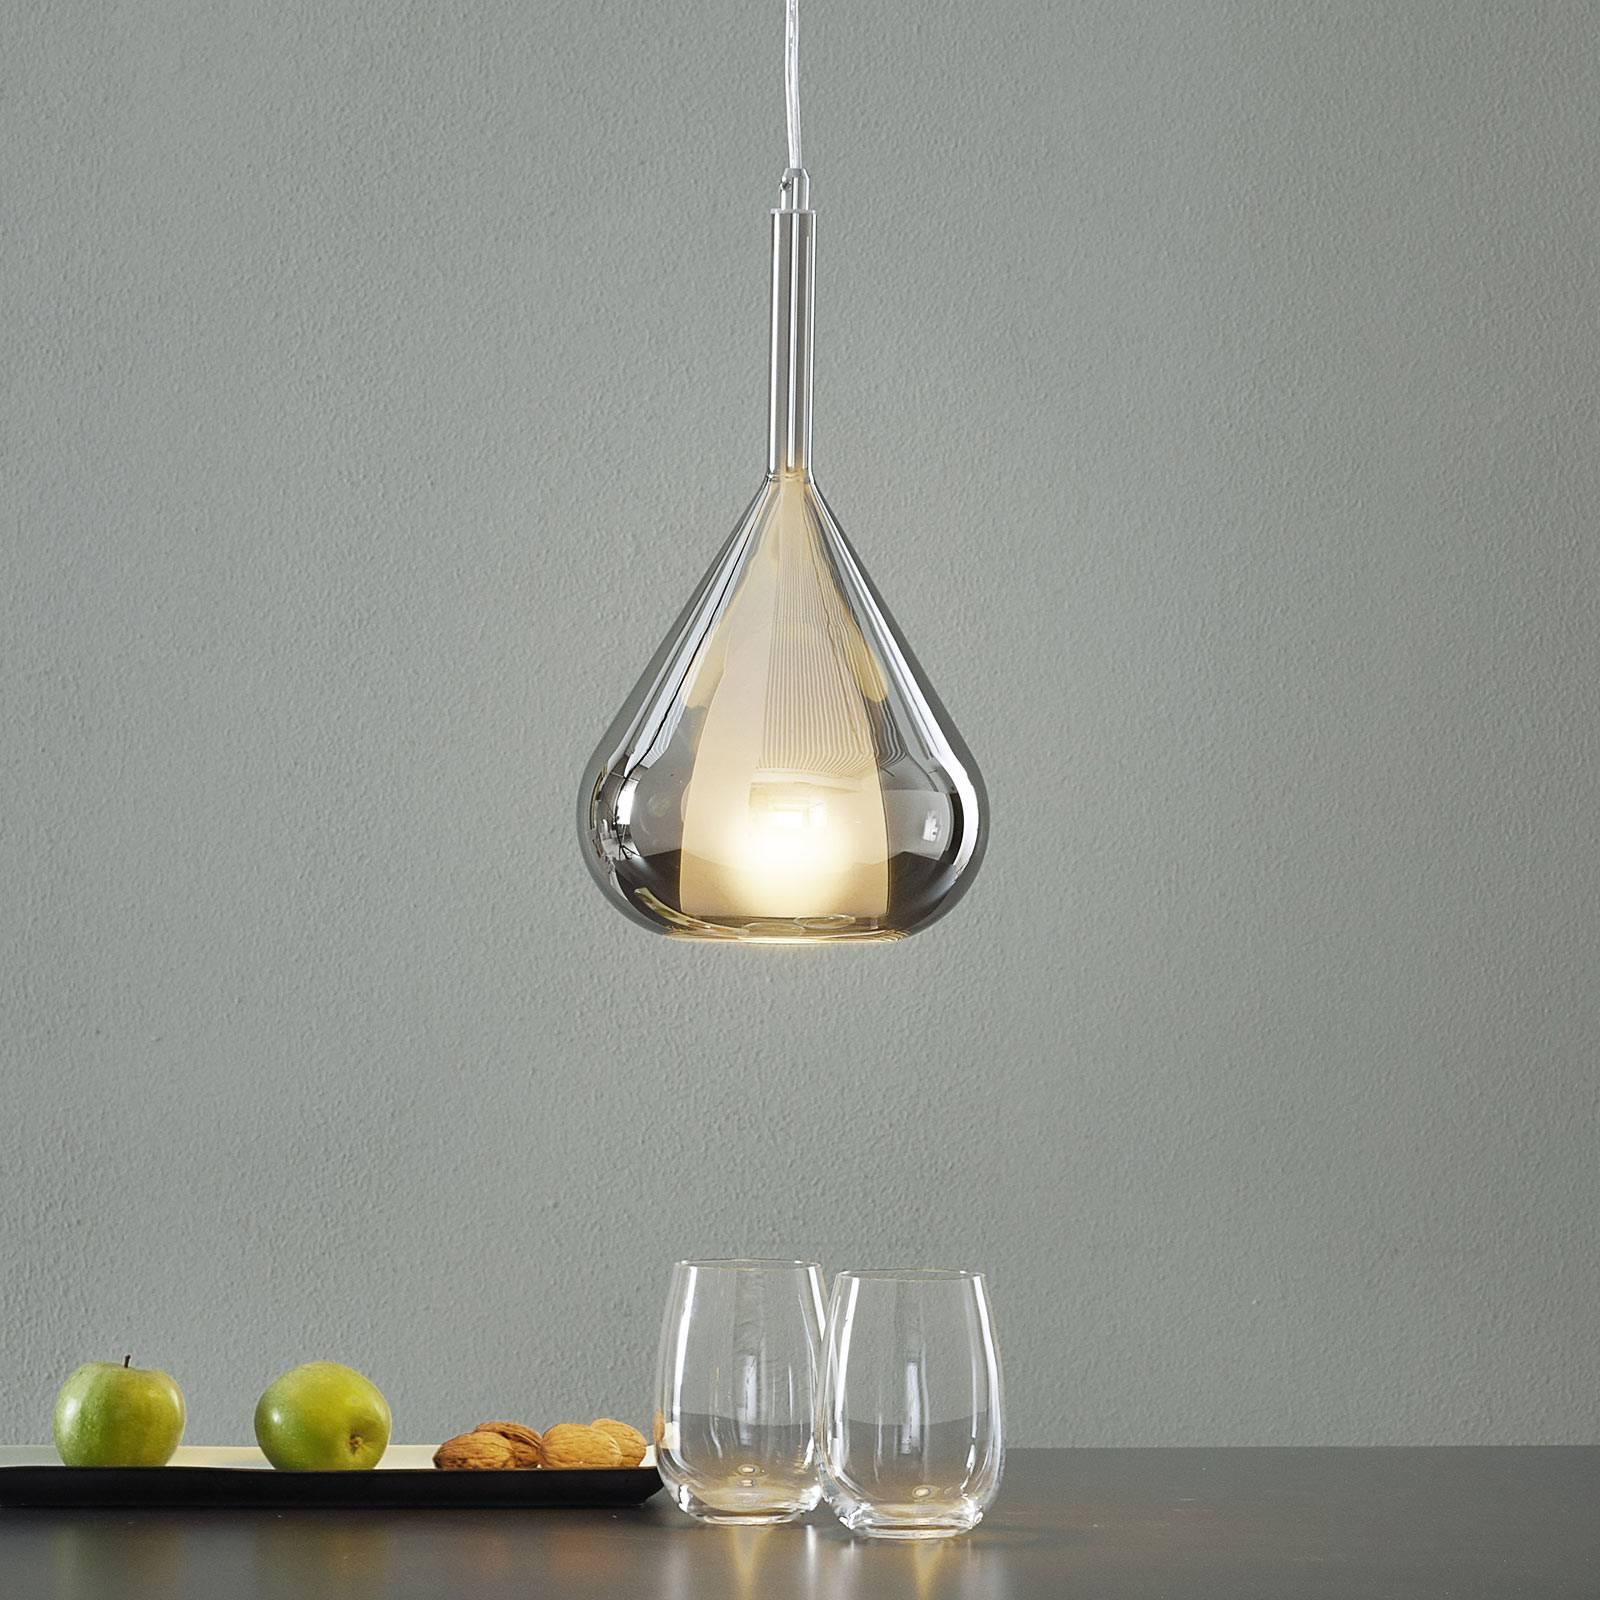 Riippuvalo Lila lasia, 1-lamppuinen, savunharmaa